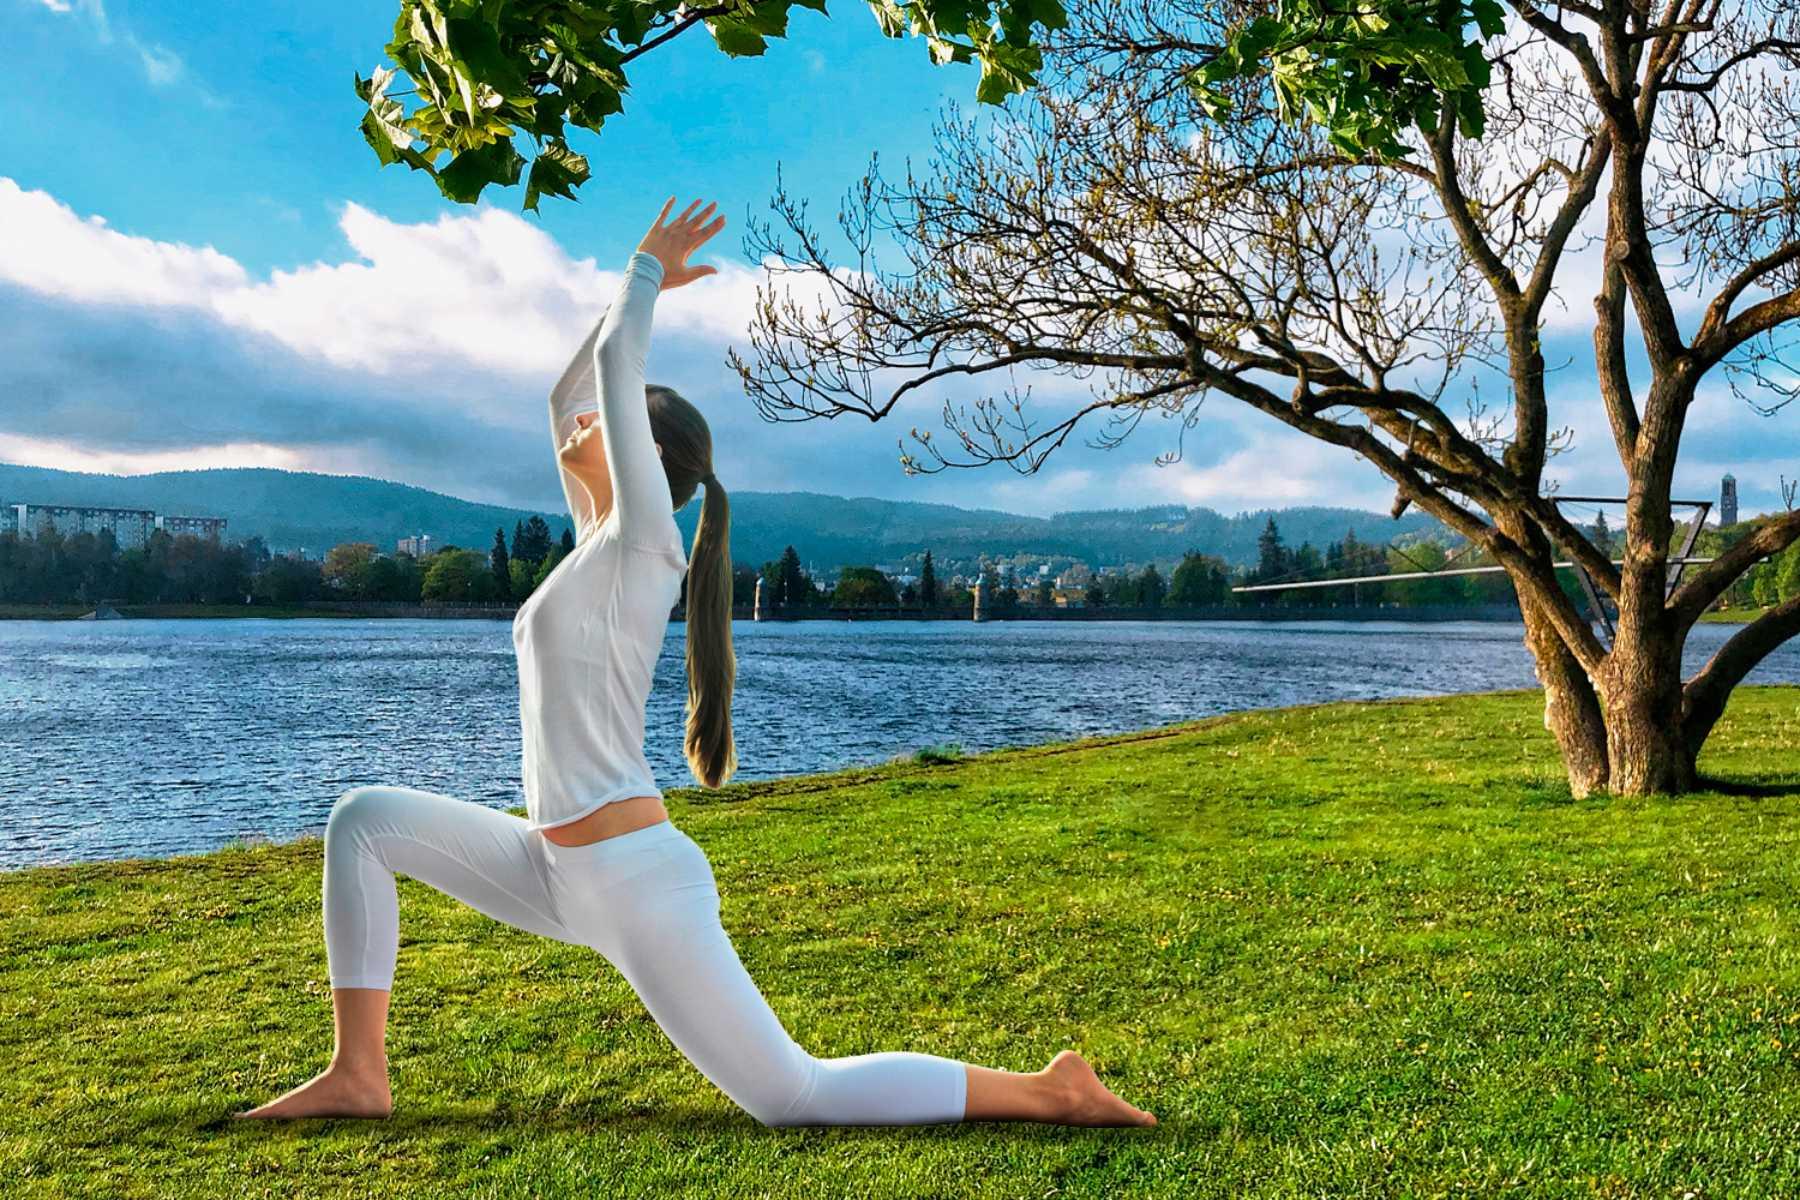 Žena v bílém cvičící jógu na trávě u vody - přehrada Mšeno Jablonec nad Nisou